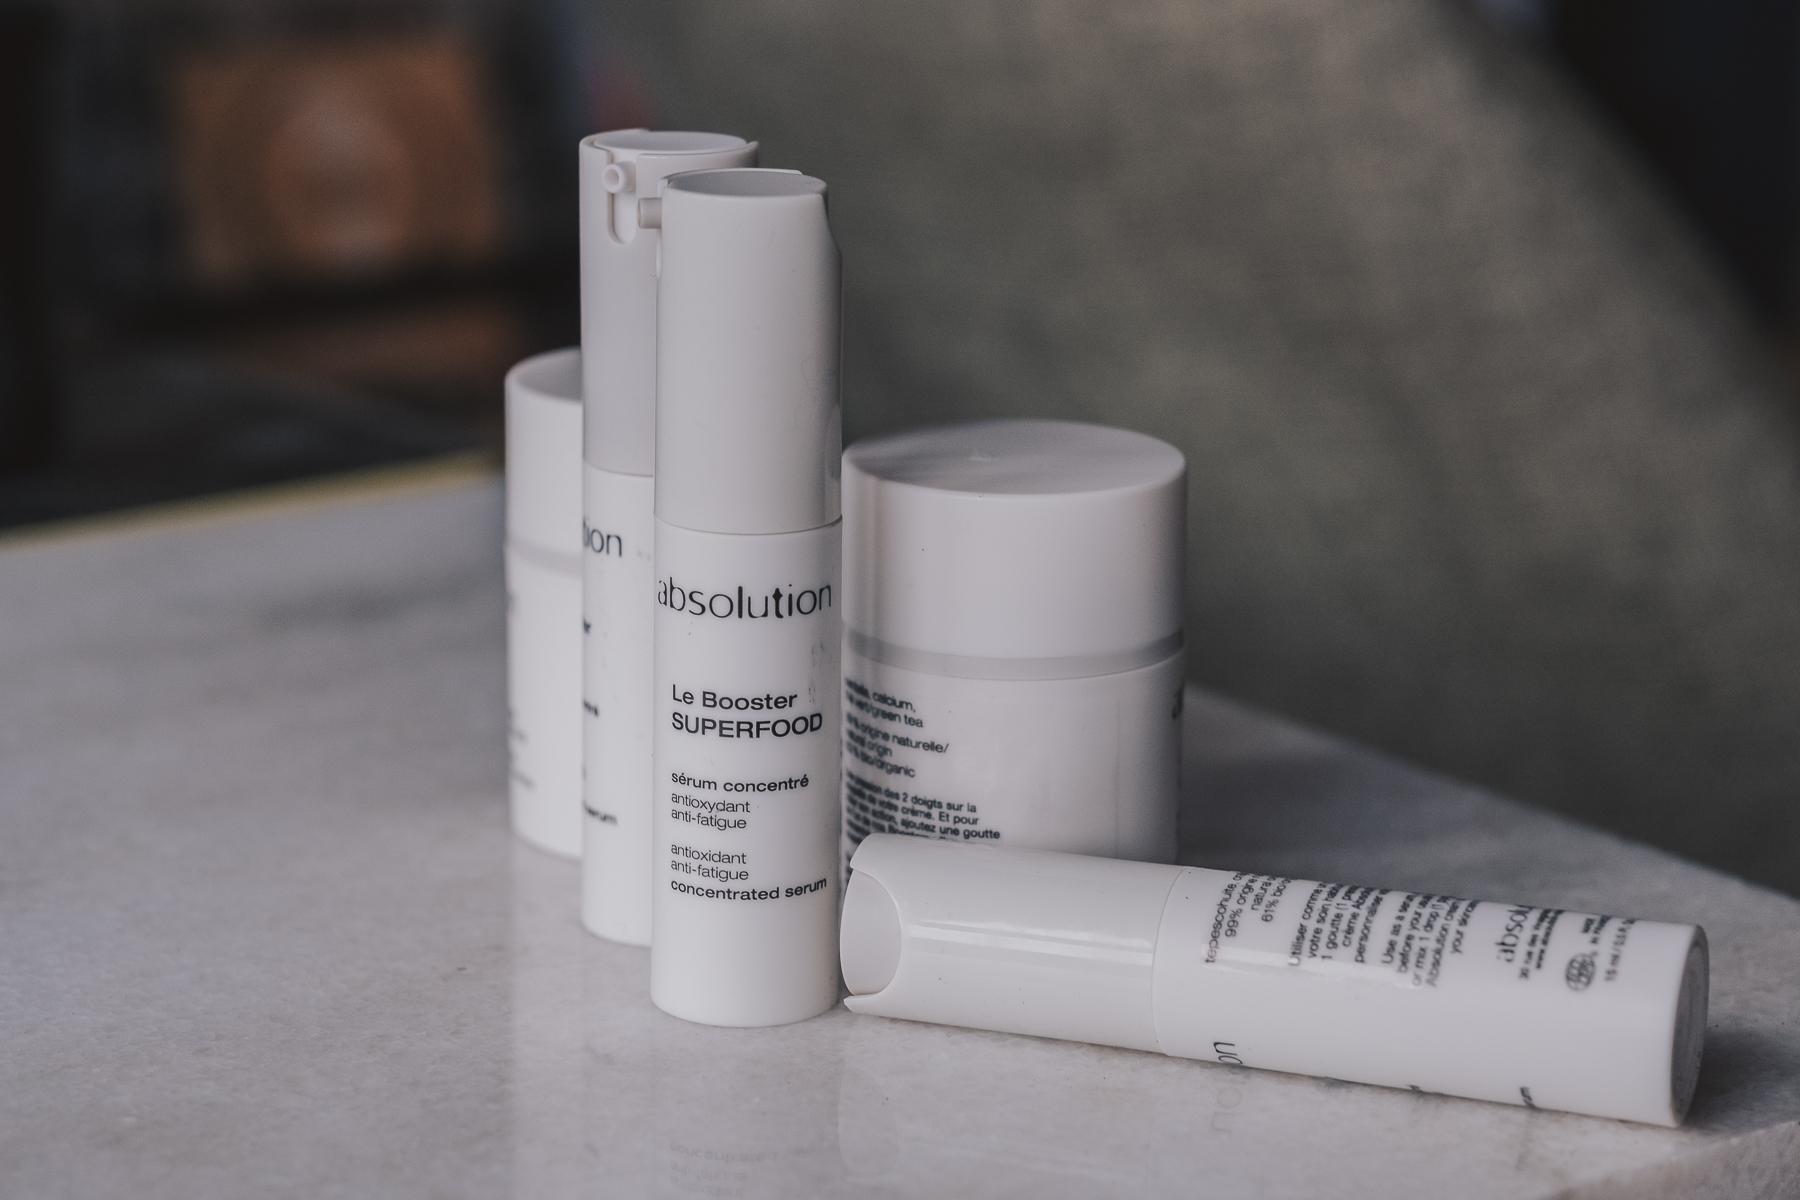 澎潤激活安瓶The Superfood Booster - 促進細胞再生、減緩皮膚老化,為肌膚注入元氣,就像肌膚的超級食物